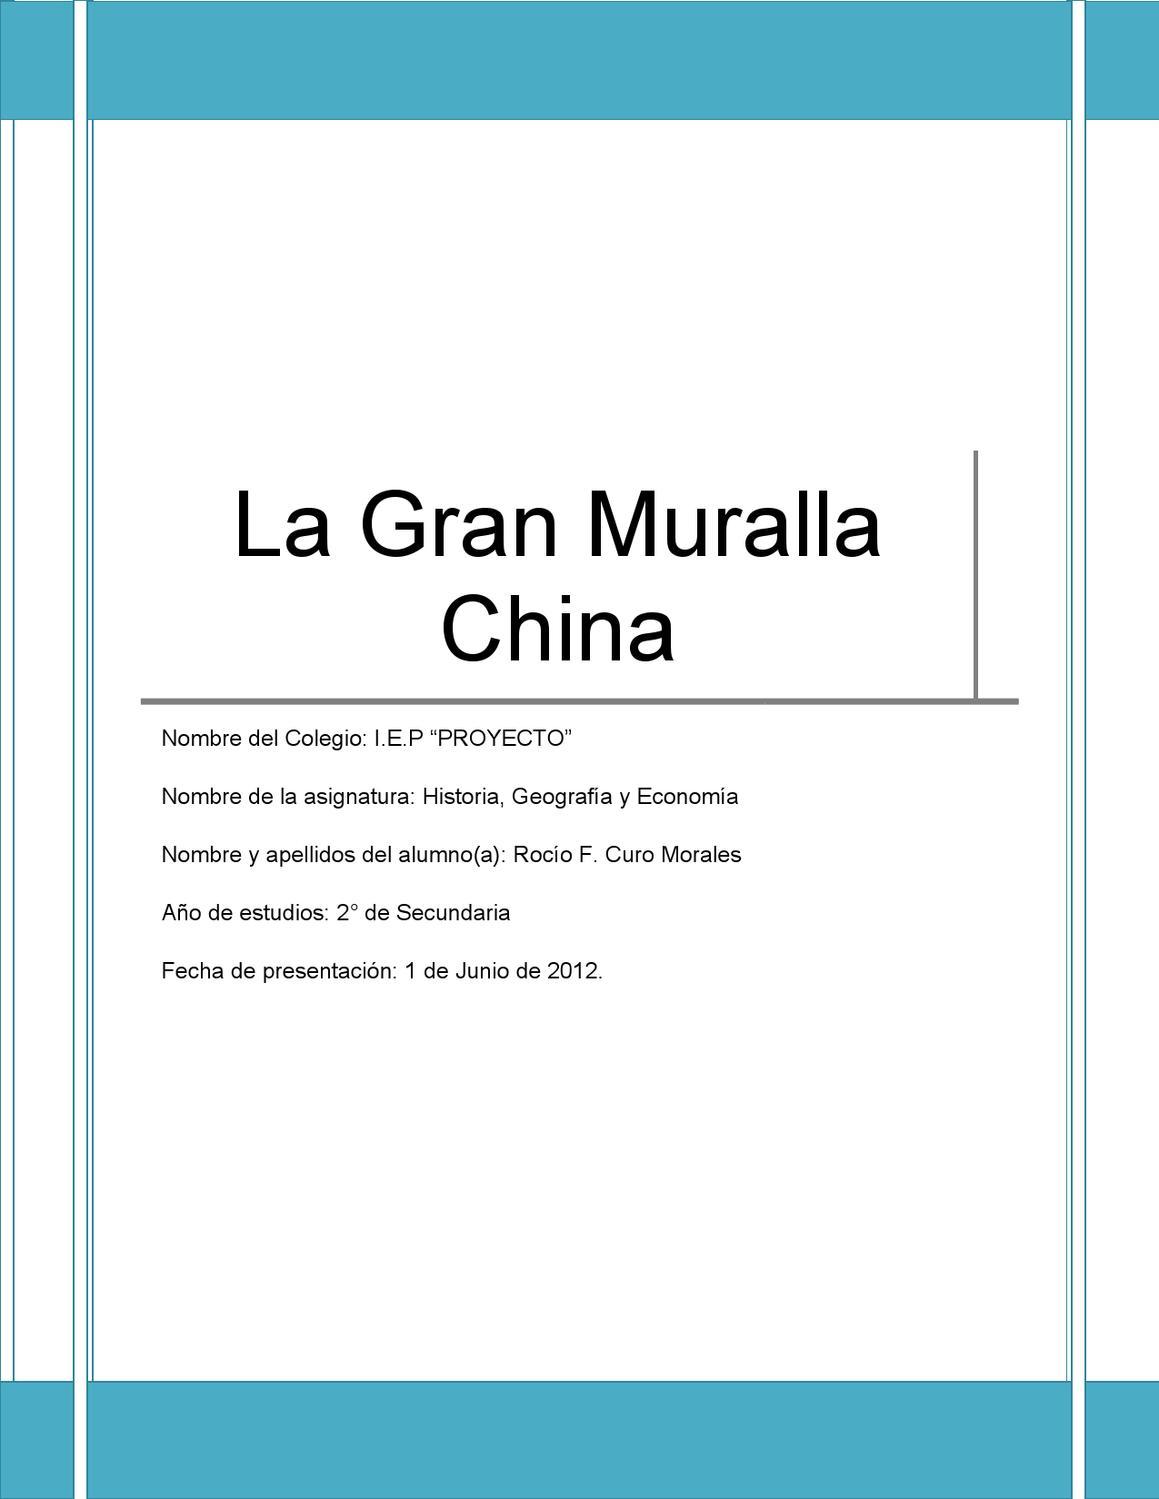 La muralla china by roxana hern ndez issuu for Q es la muralla china